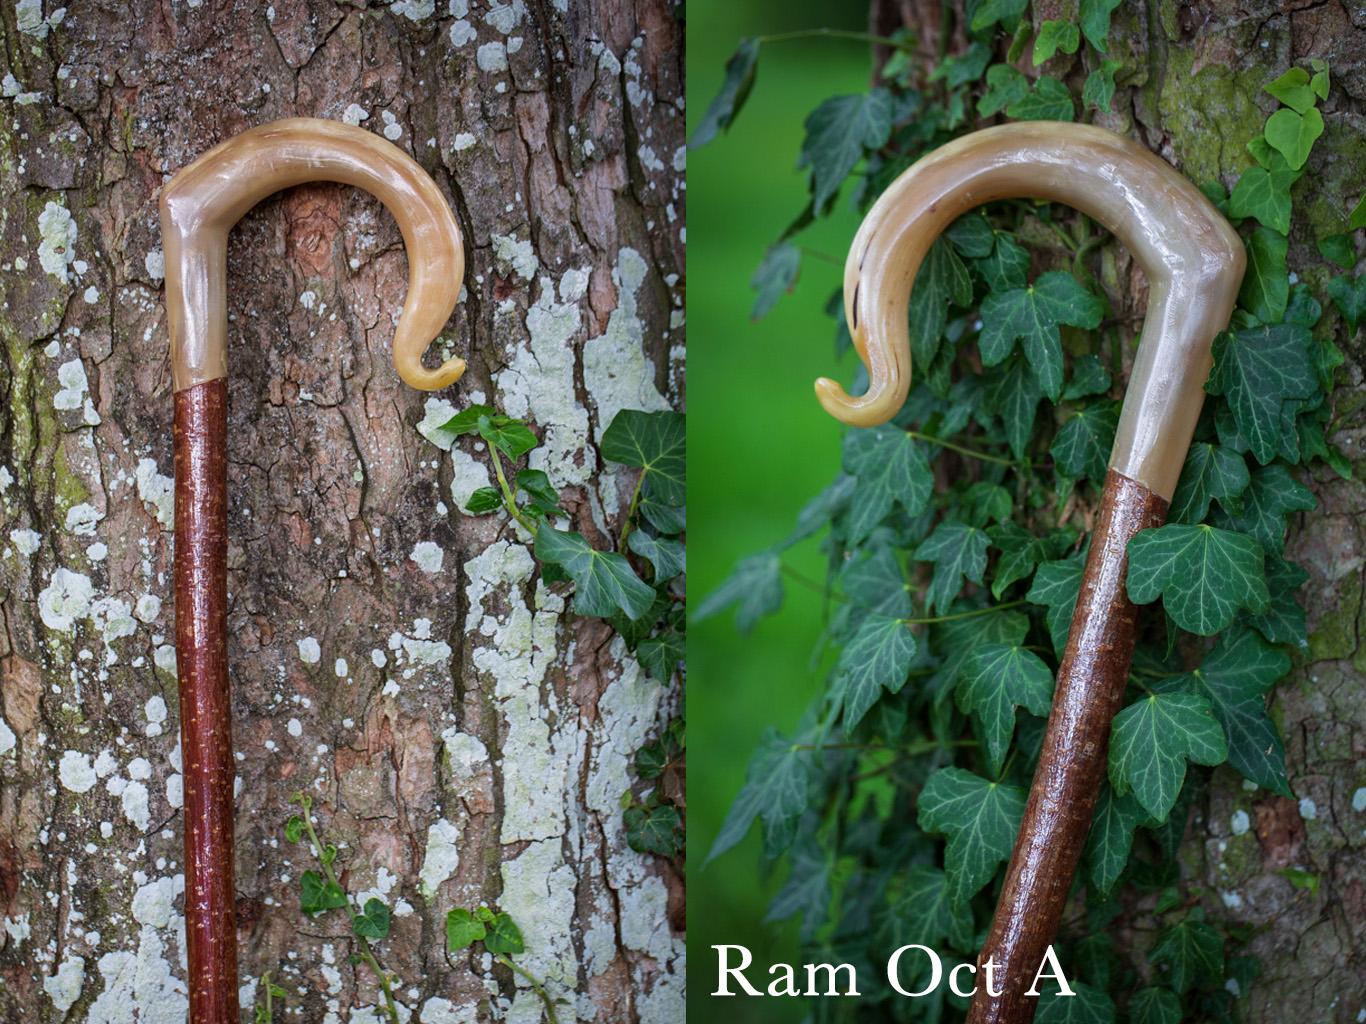 Ram Oct A